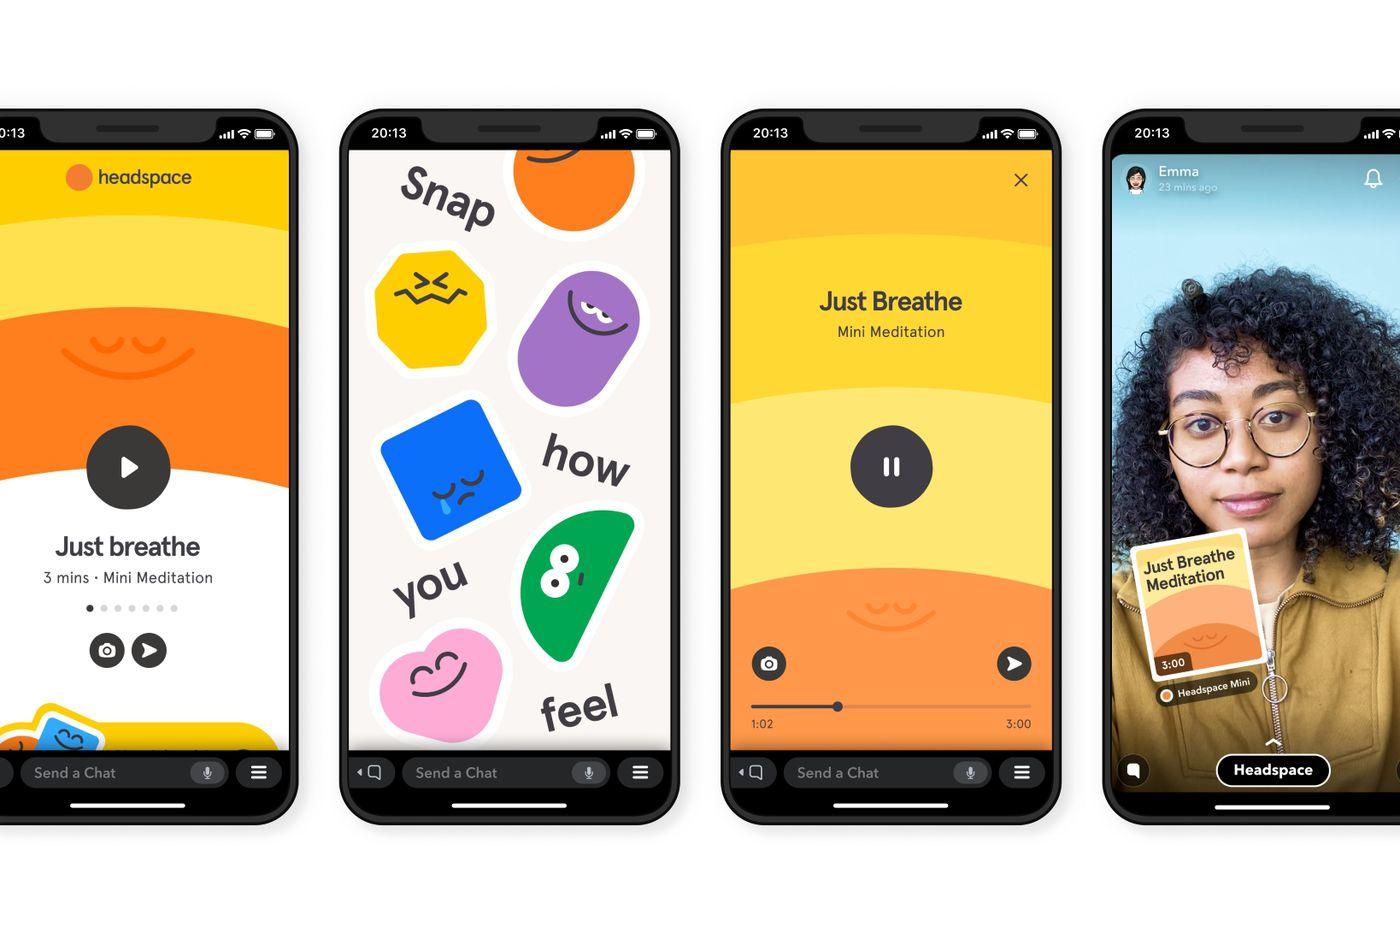 6 Apps trên smartphone để nâng cấp bản thân trong lúc giãn cách xã hội marketing.review.vn 2